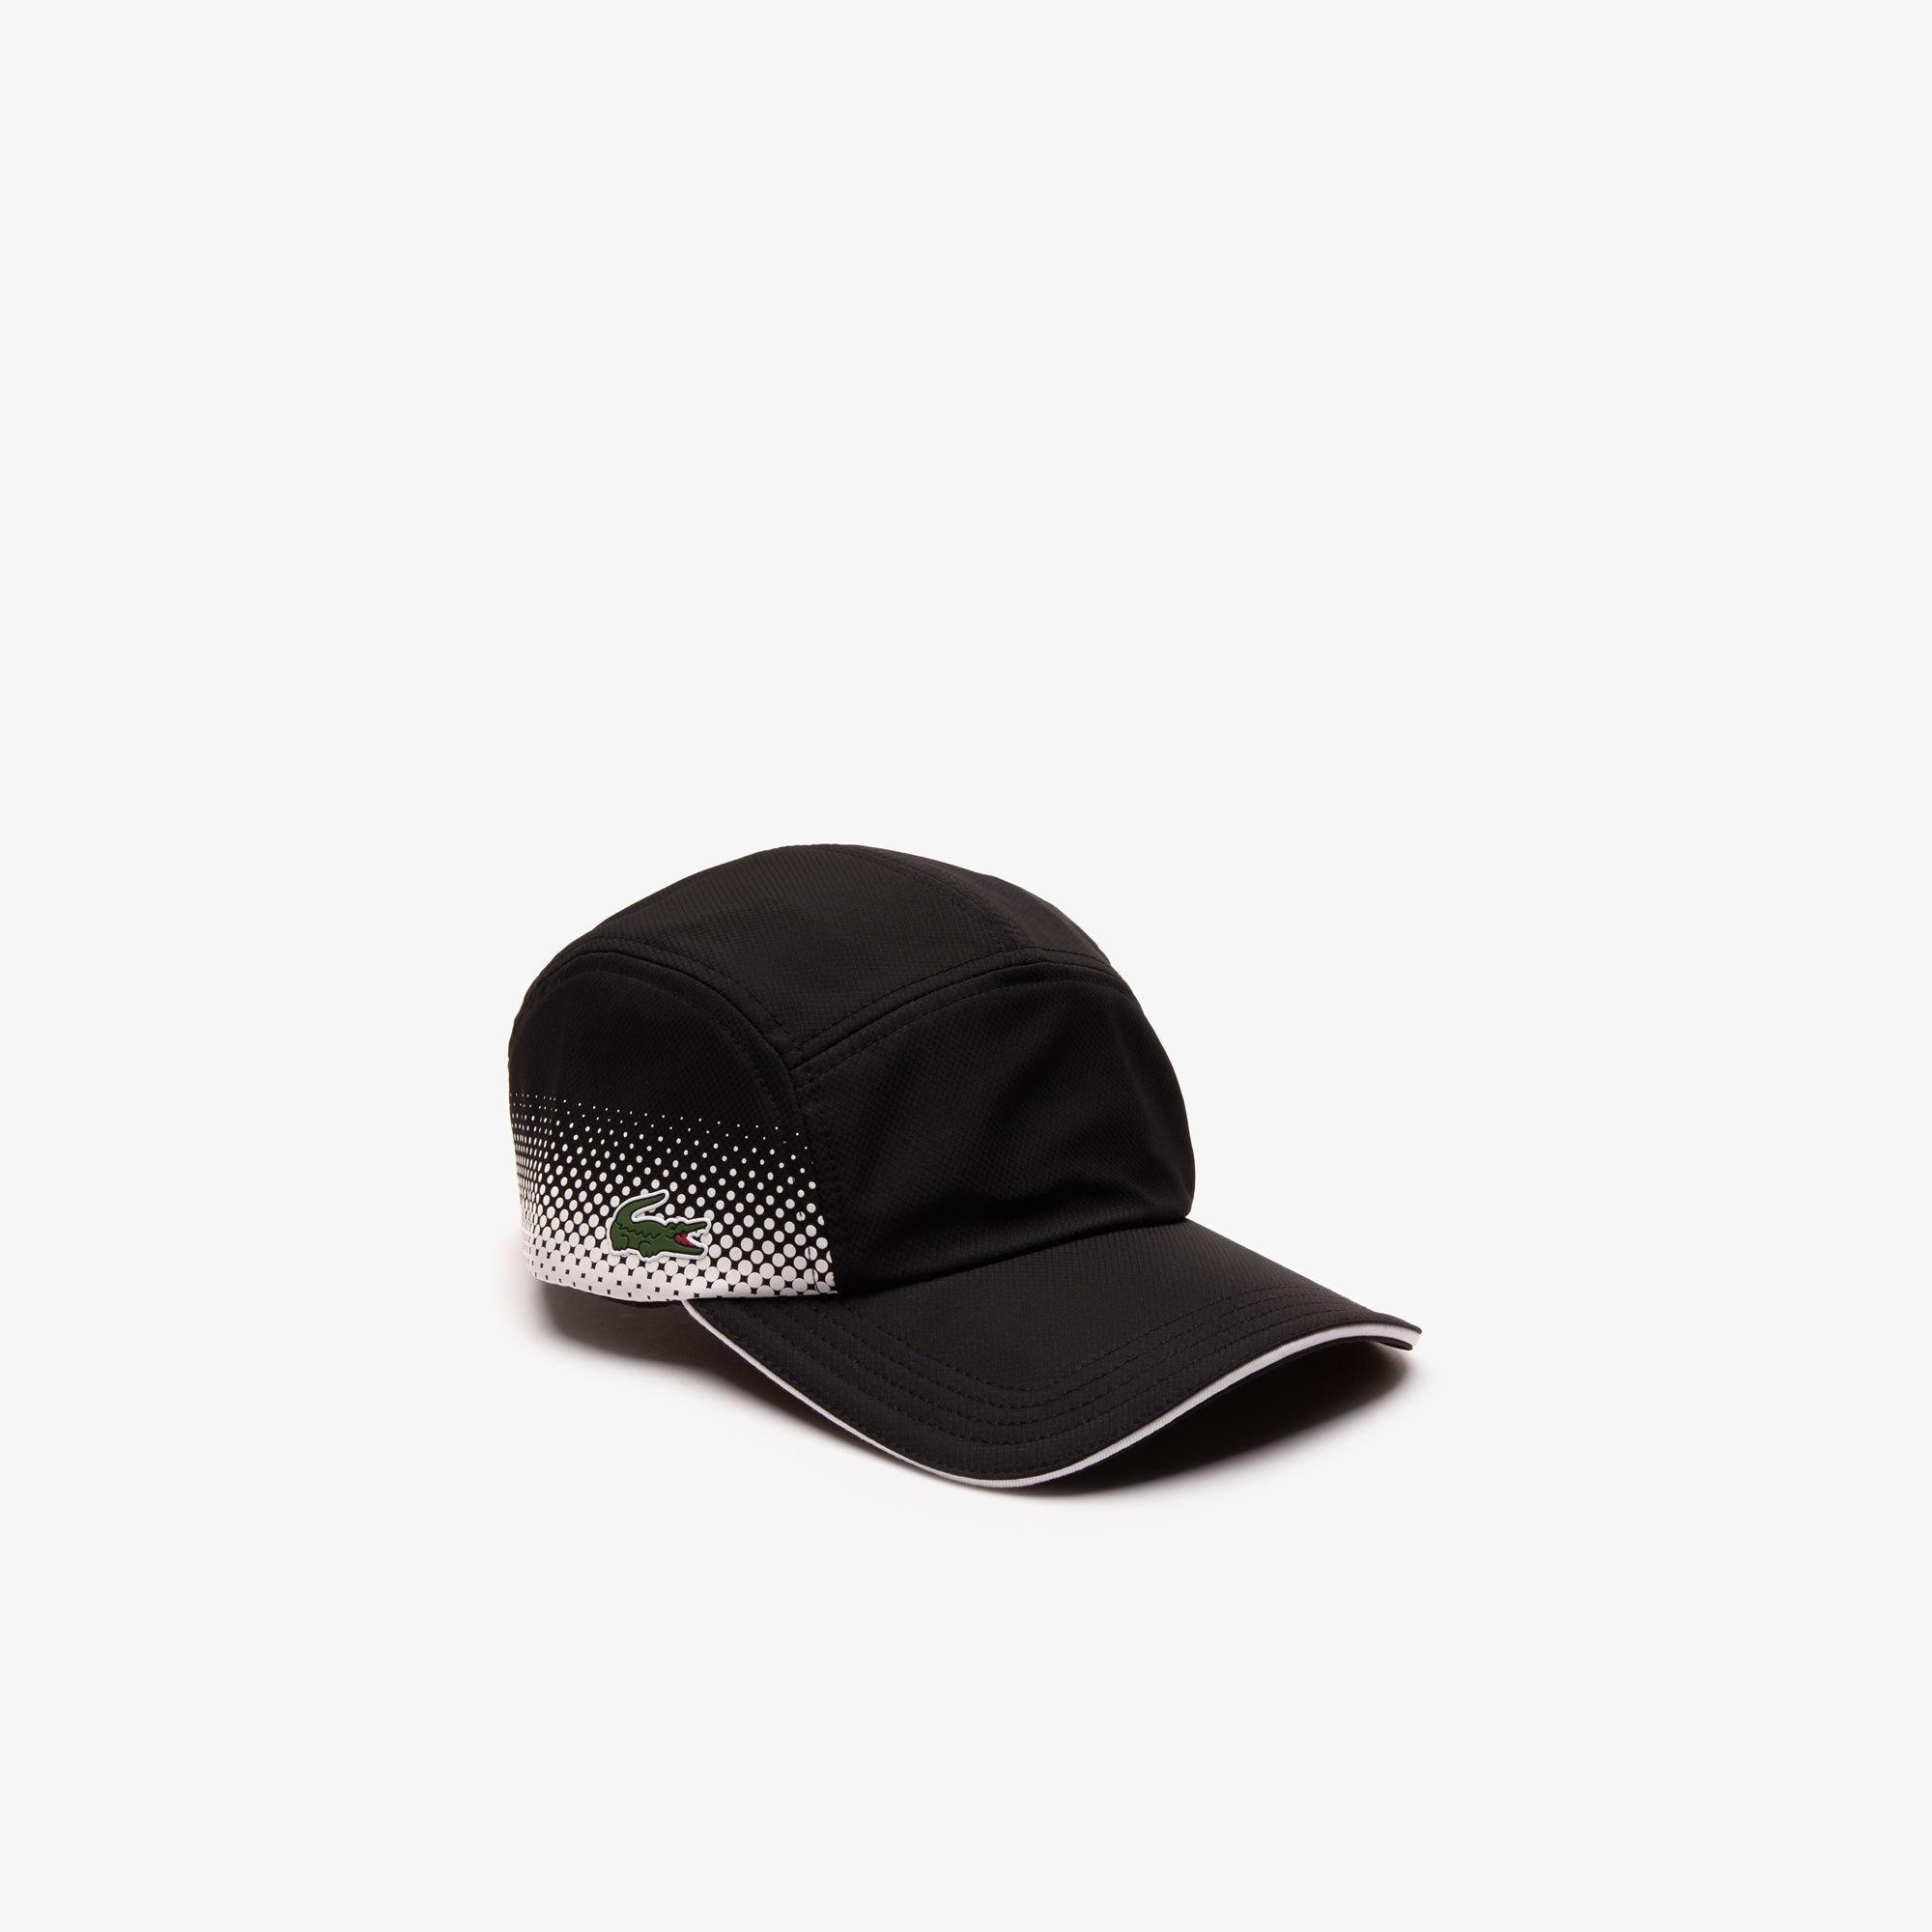 288b1723bd586 Lacoste Black Sport Breathable Tennis Cap for men